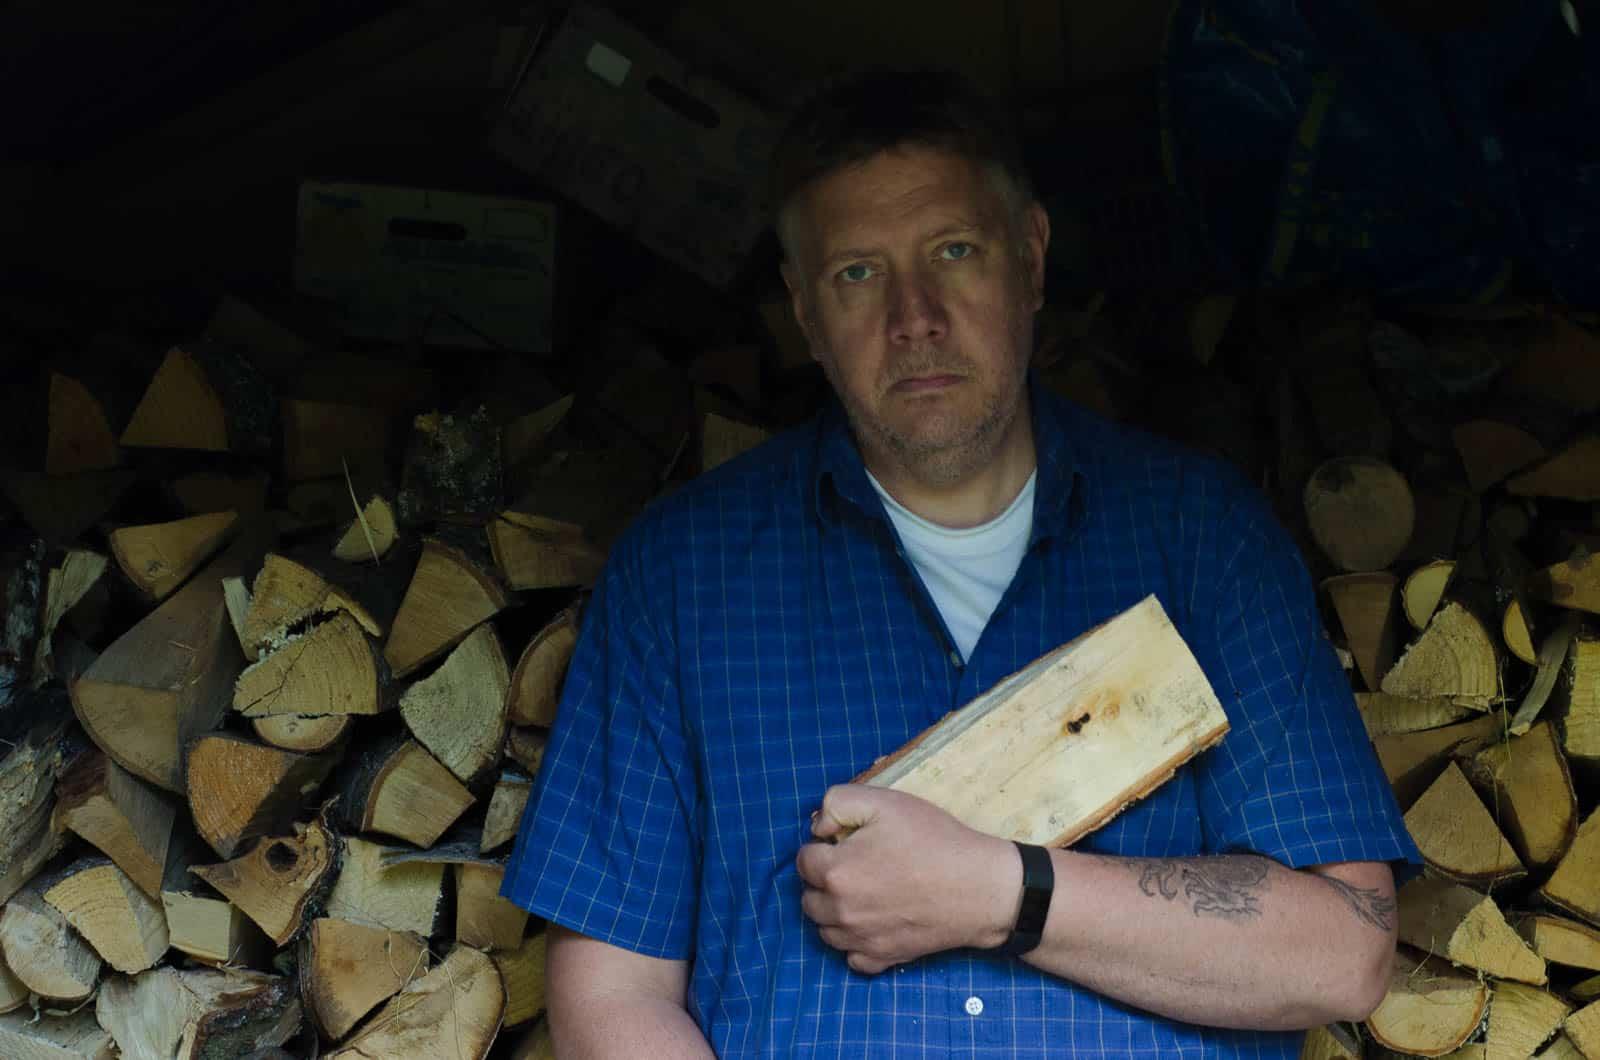 Tog den här bilden för er som följer Twin Peaks. Ni vet vad det är...